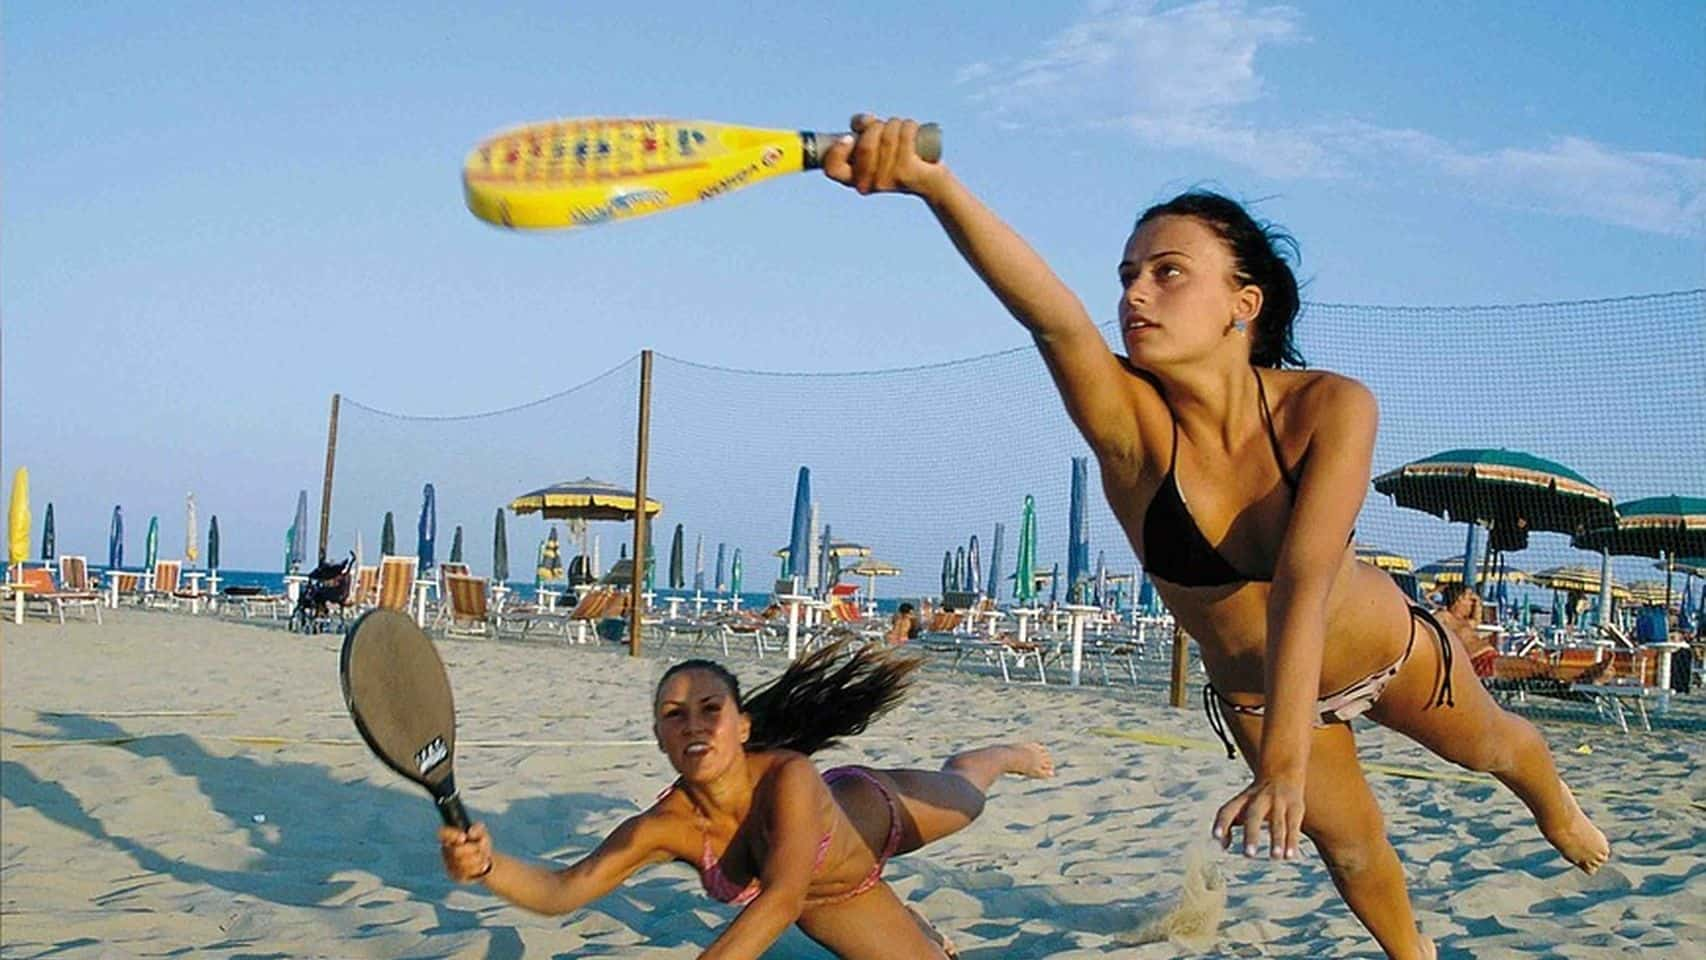 chicas jugando con palas de playa